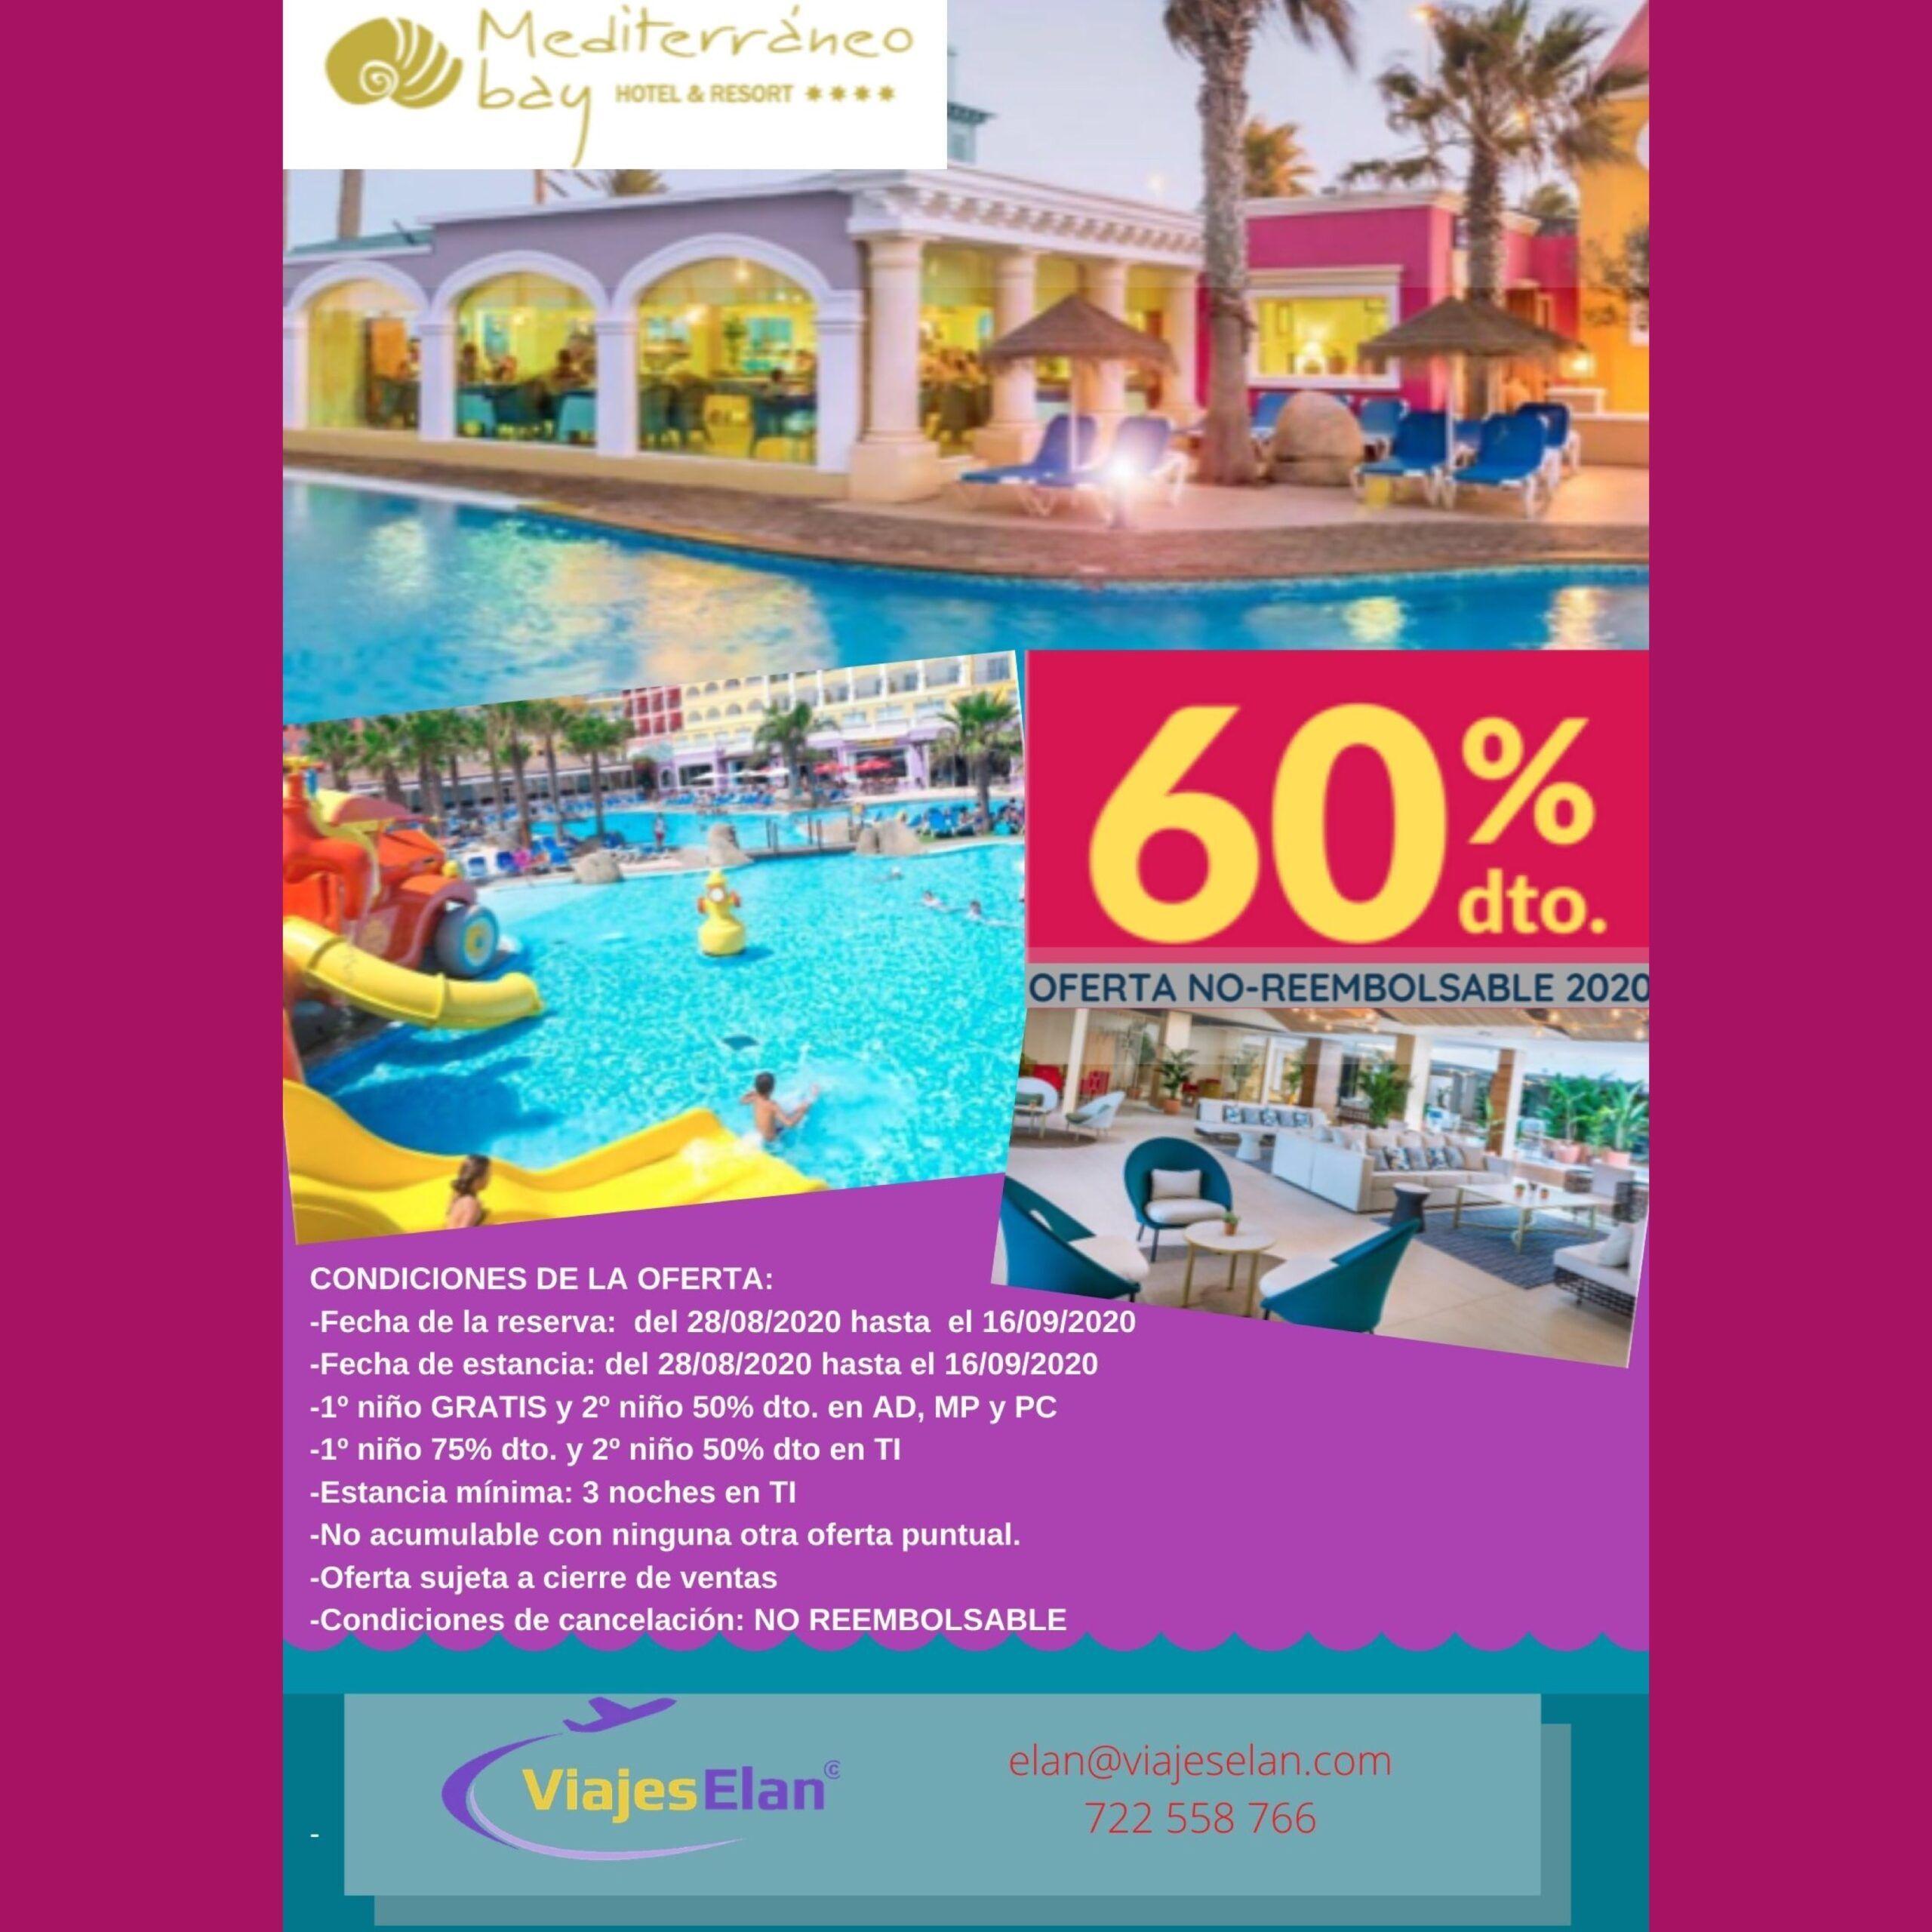 Mediterraneo_bay_hotel_&_resort